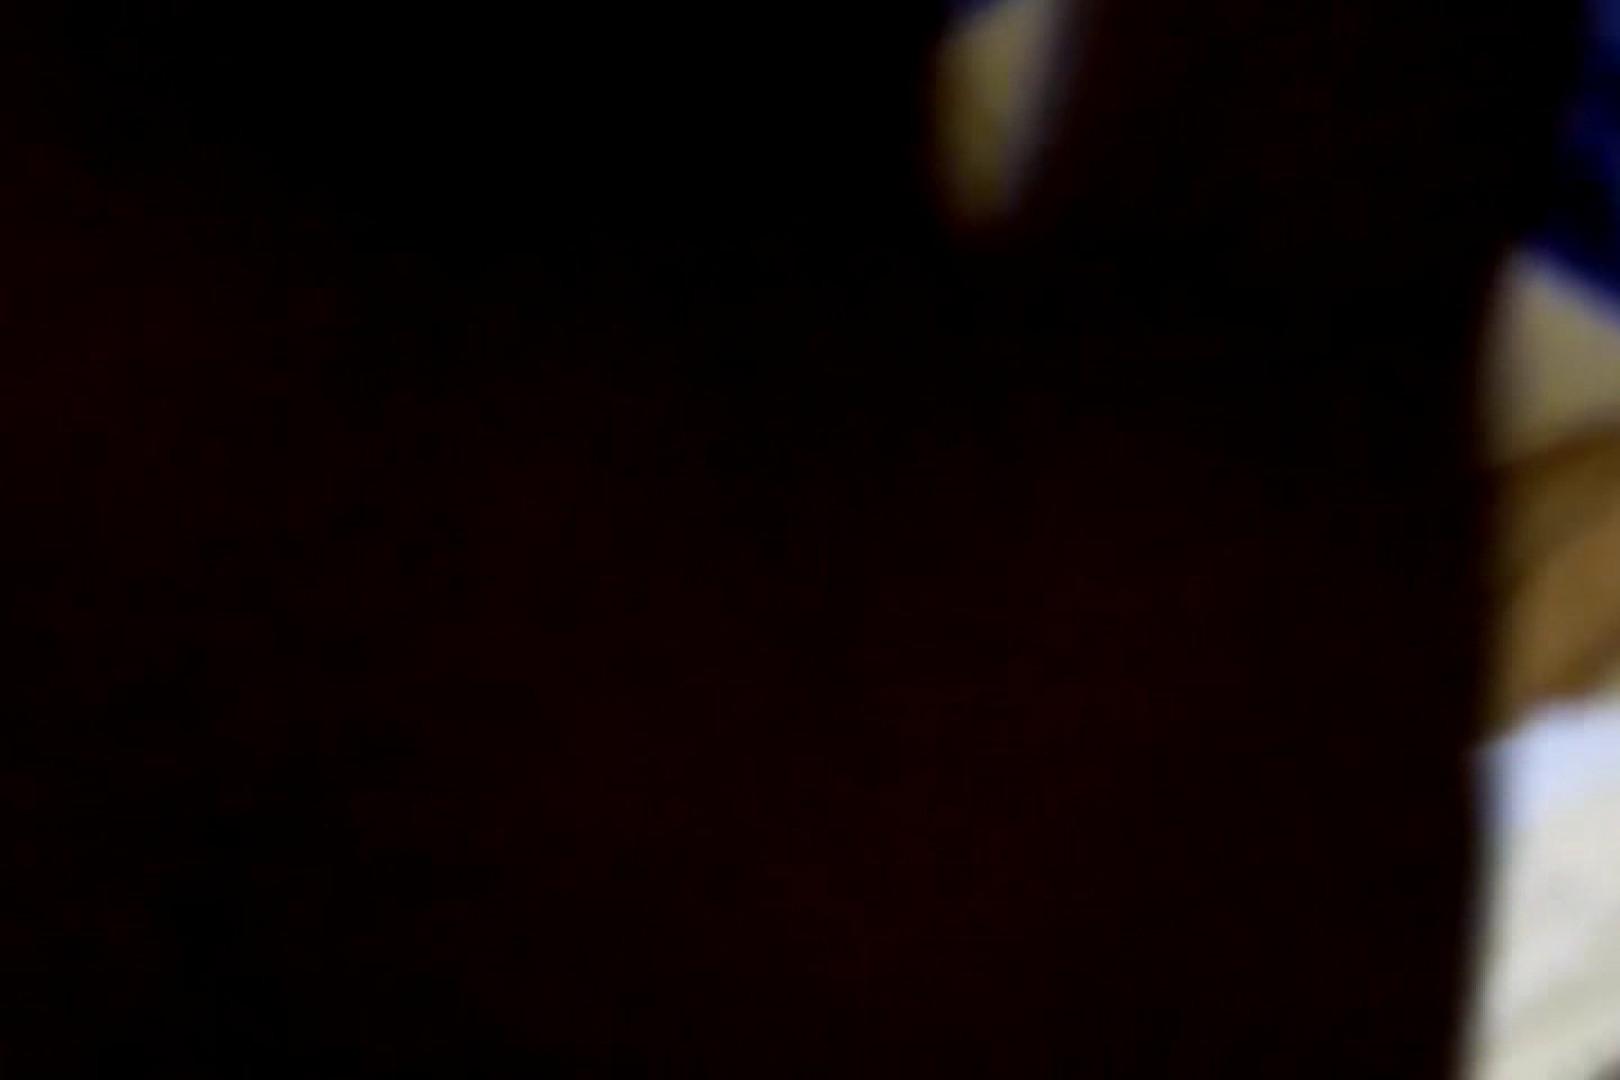 ウイルス流出 レオ&マンコのアルバム プライベート | マンコ  74画像 63